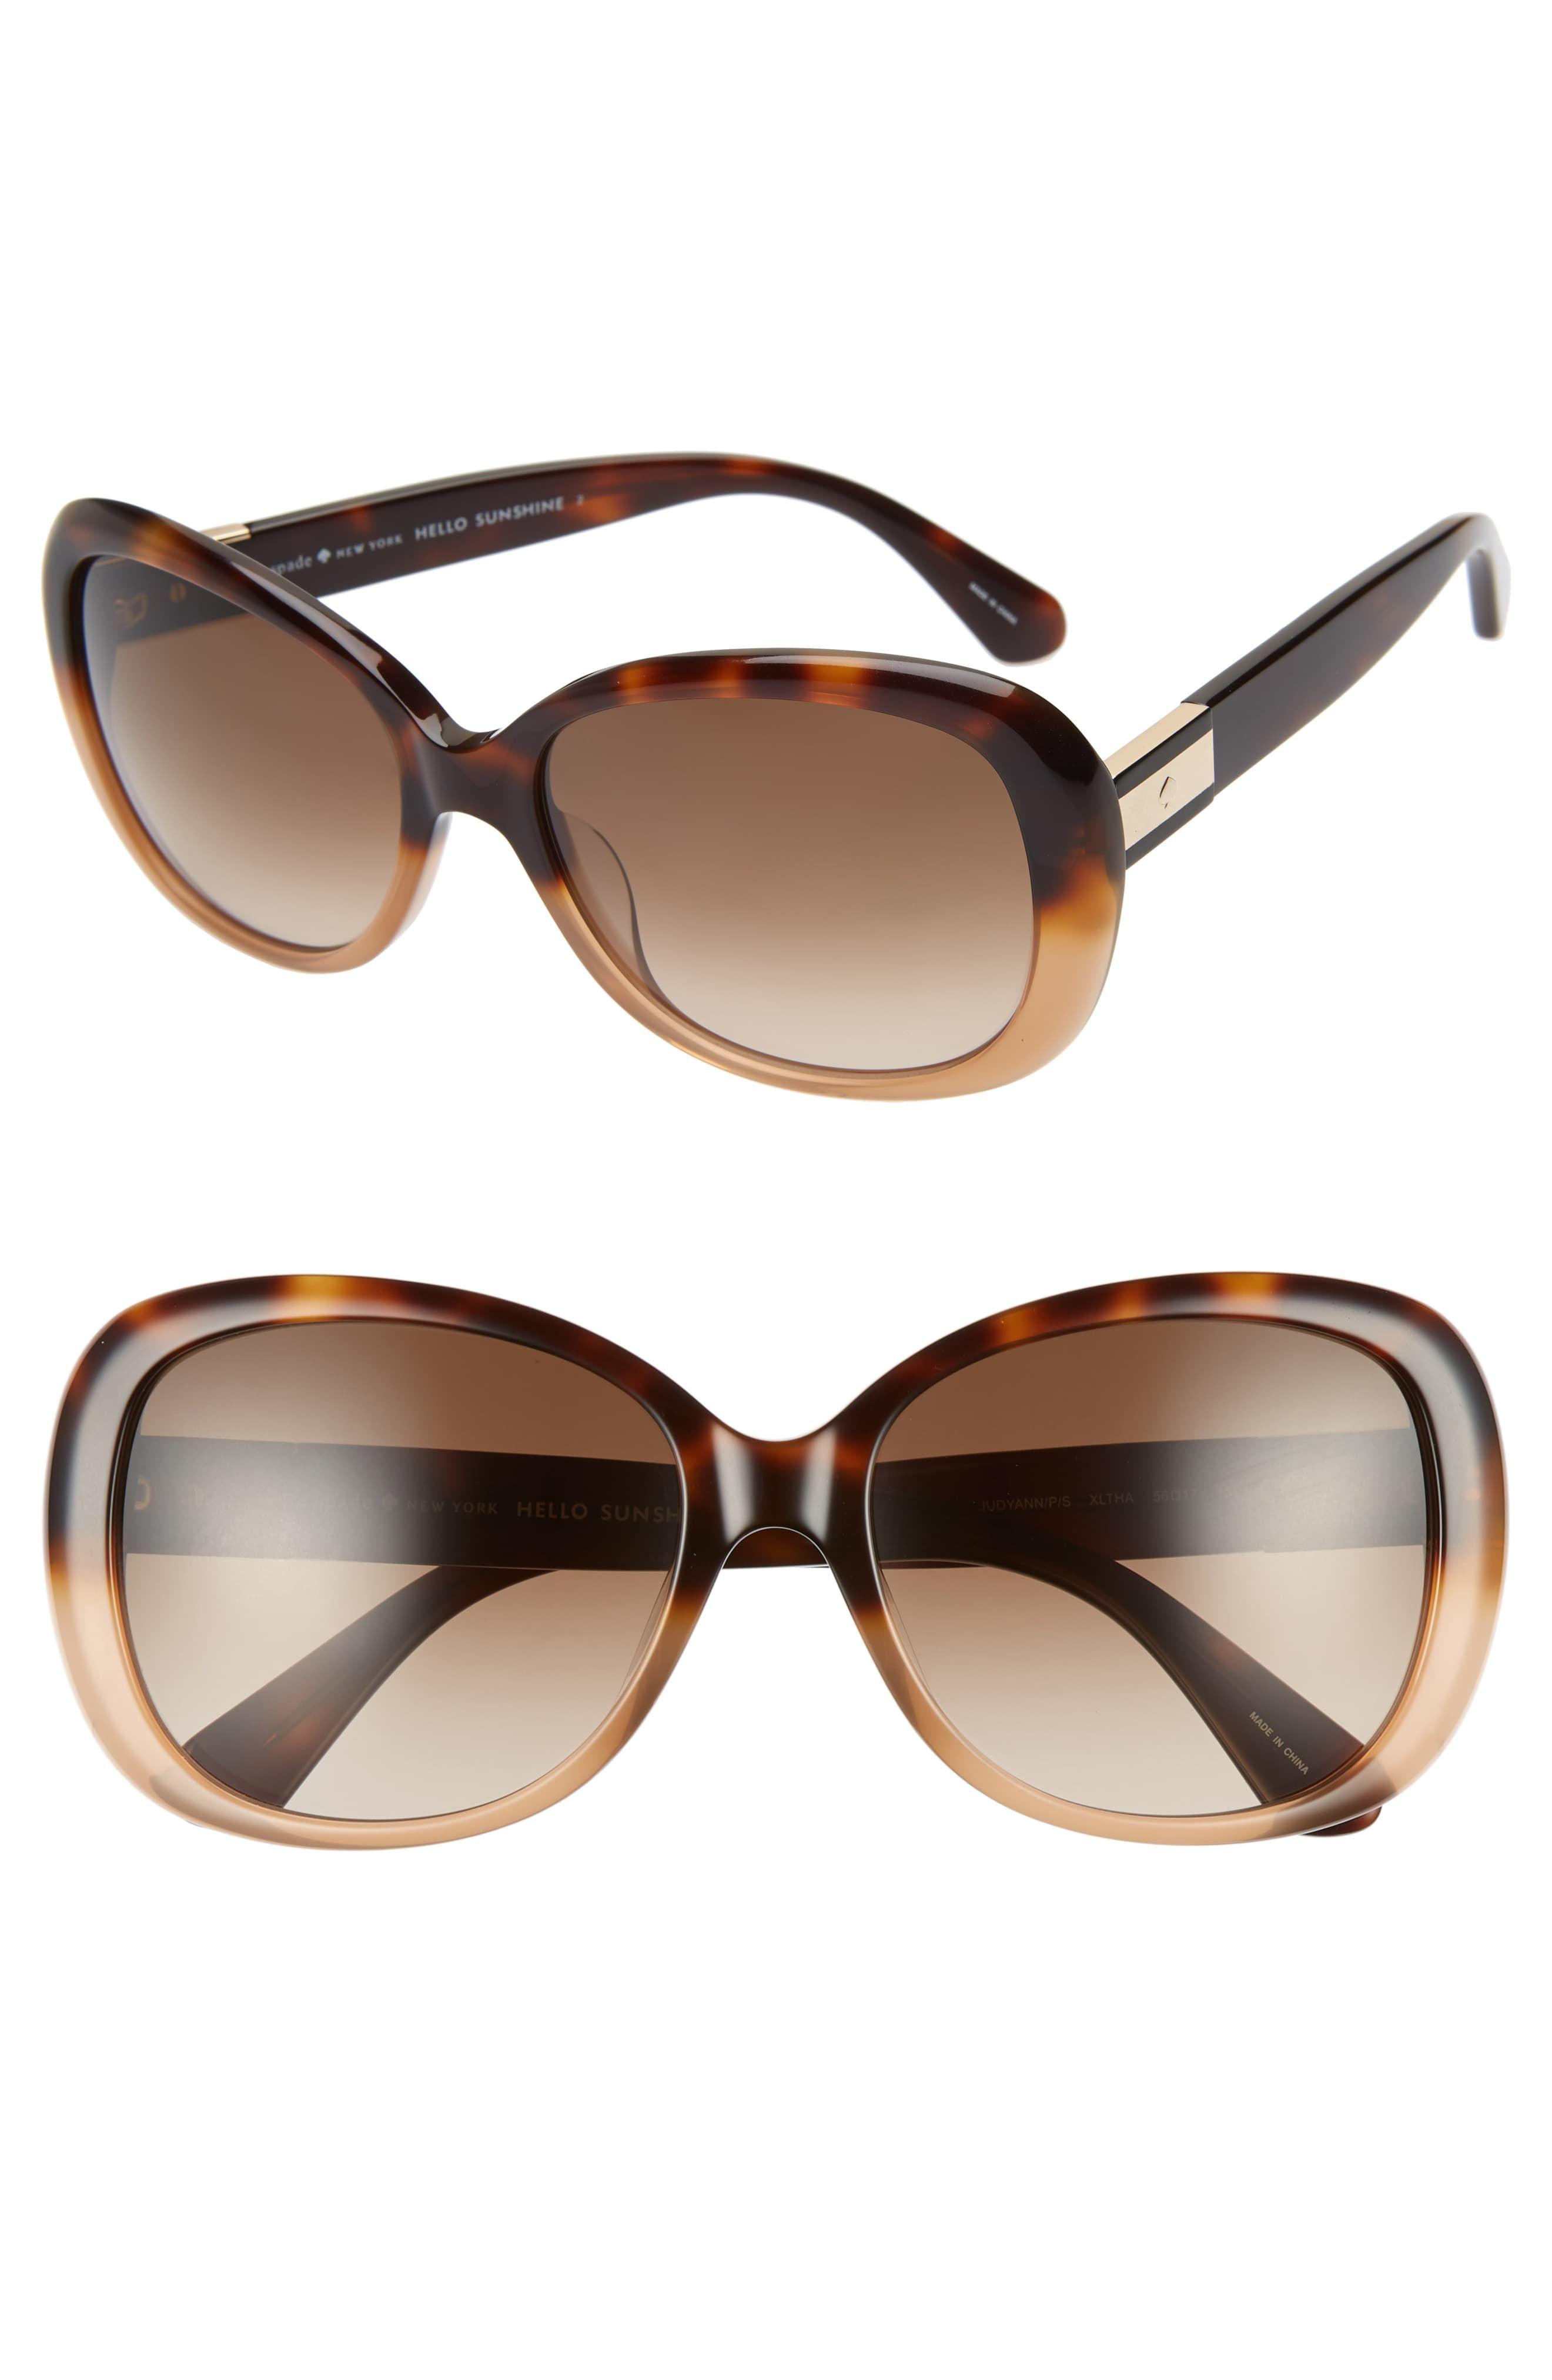 d629d9e1ccf6 Women's Kate Spade New York Judyann 56Mm Sunglasses - Havana Beige Polarized